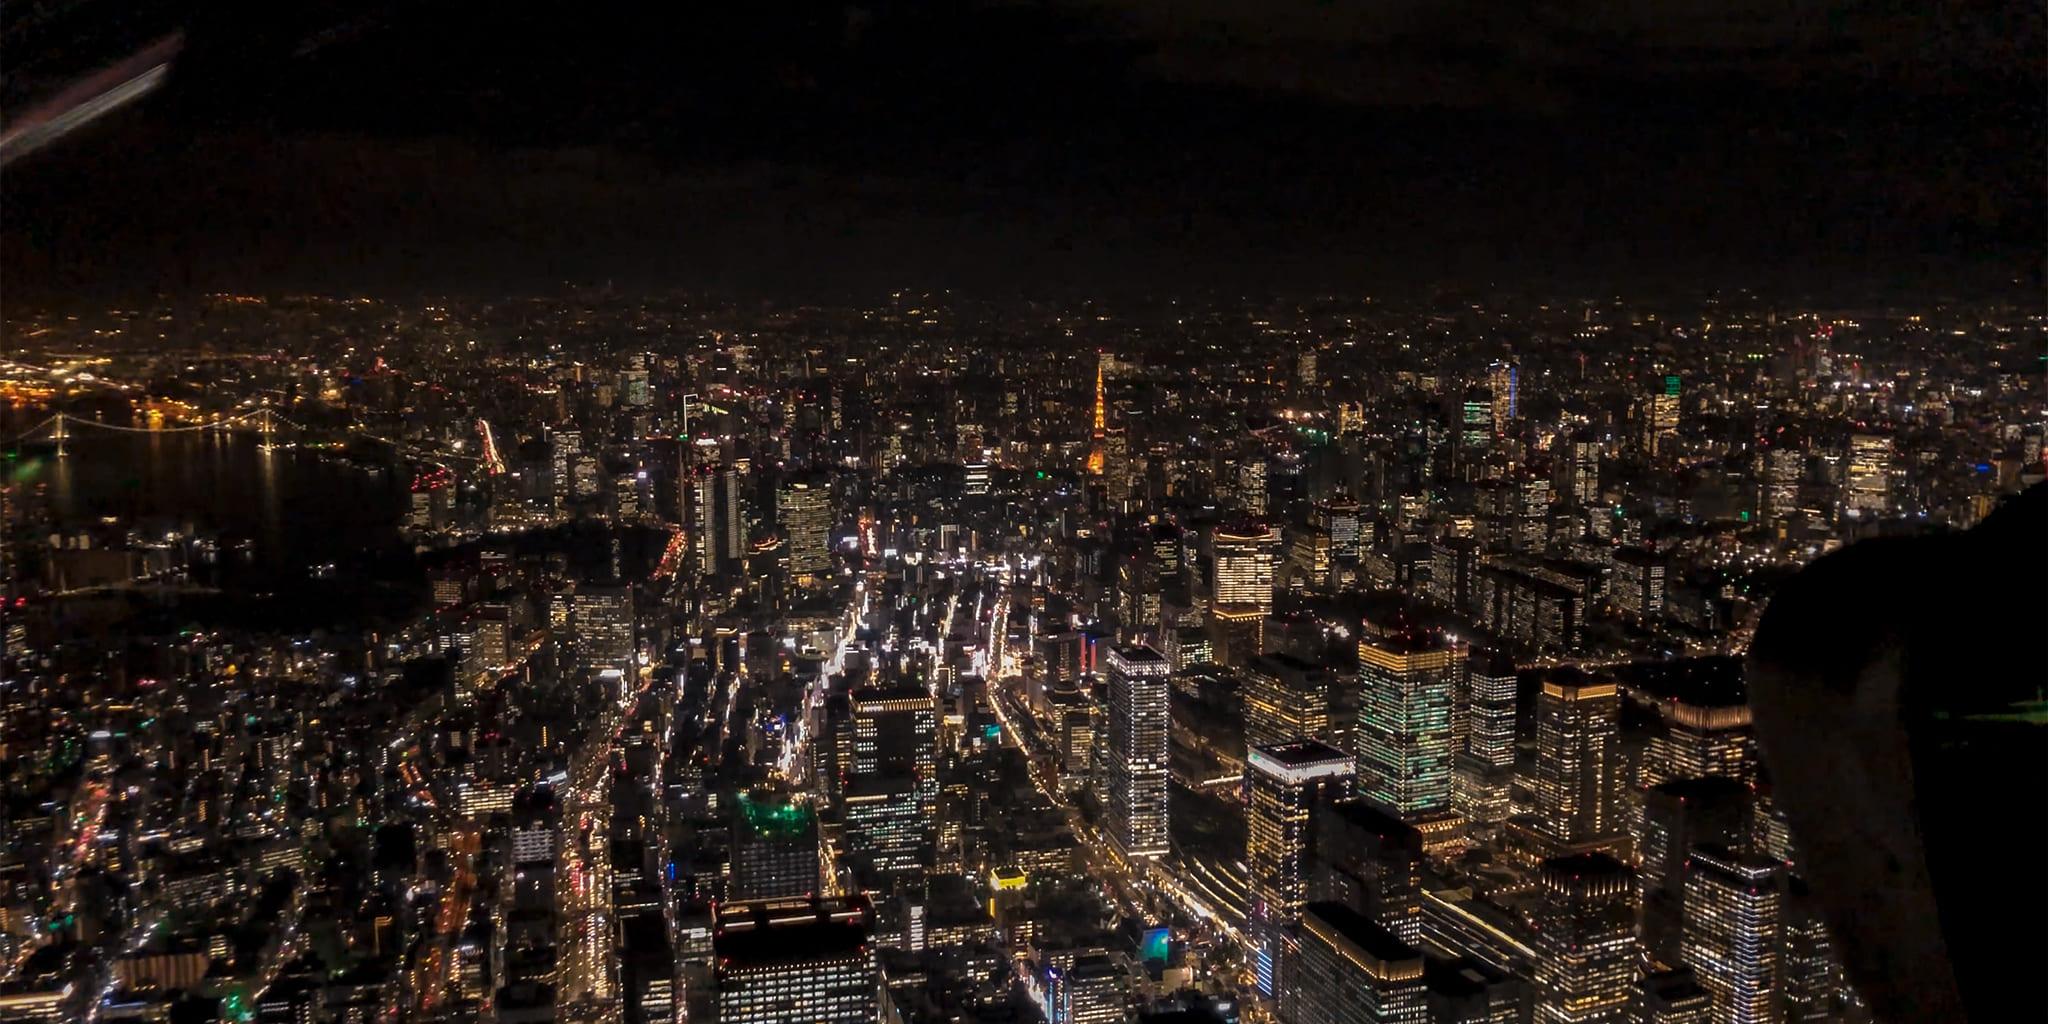 ヘリコプターで東京上空をフライトして見える東京